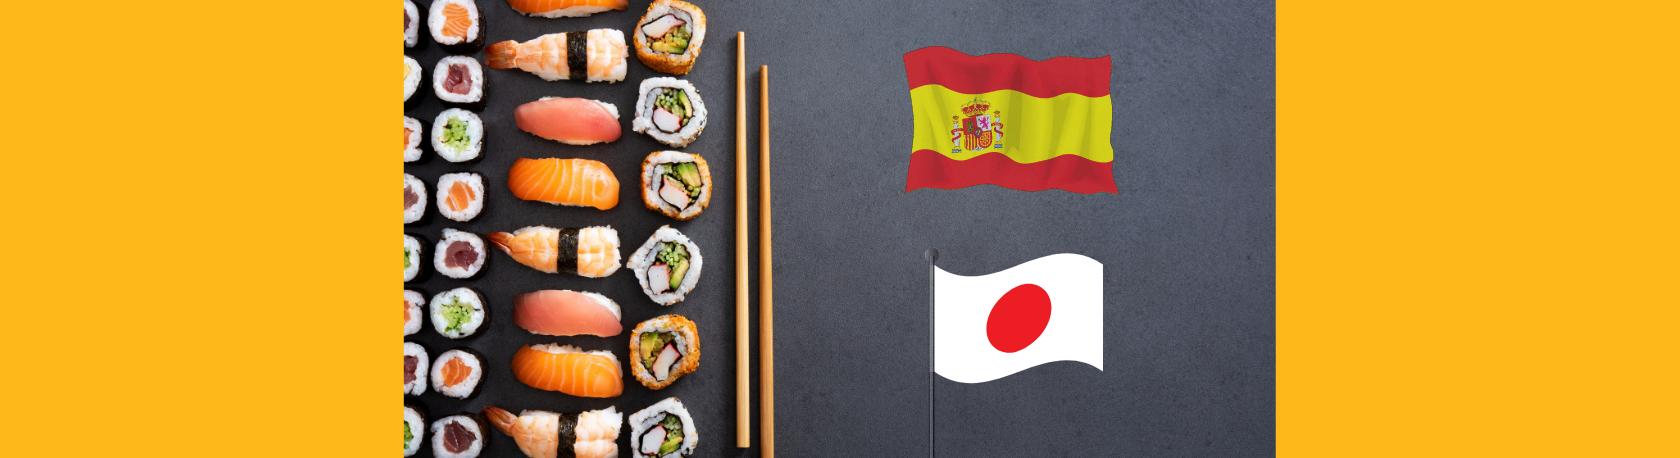 ¿Sabías que hay muchas palabras de origen japonés que ya son parte del vocabulario español? - Easy Español